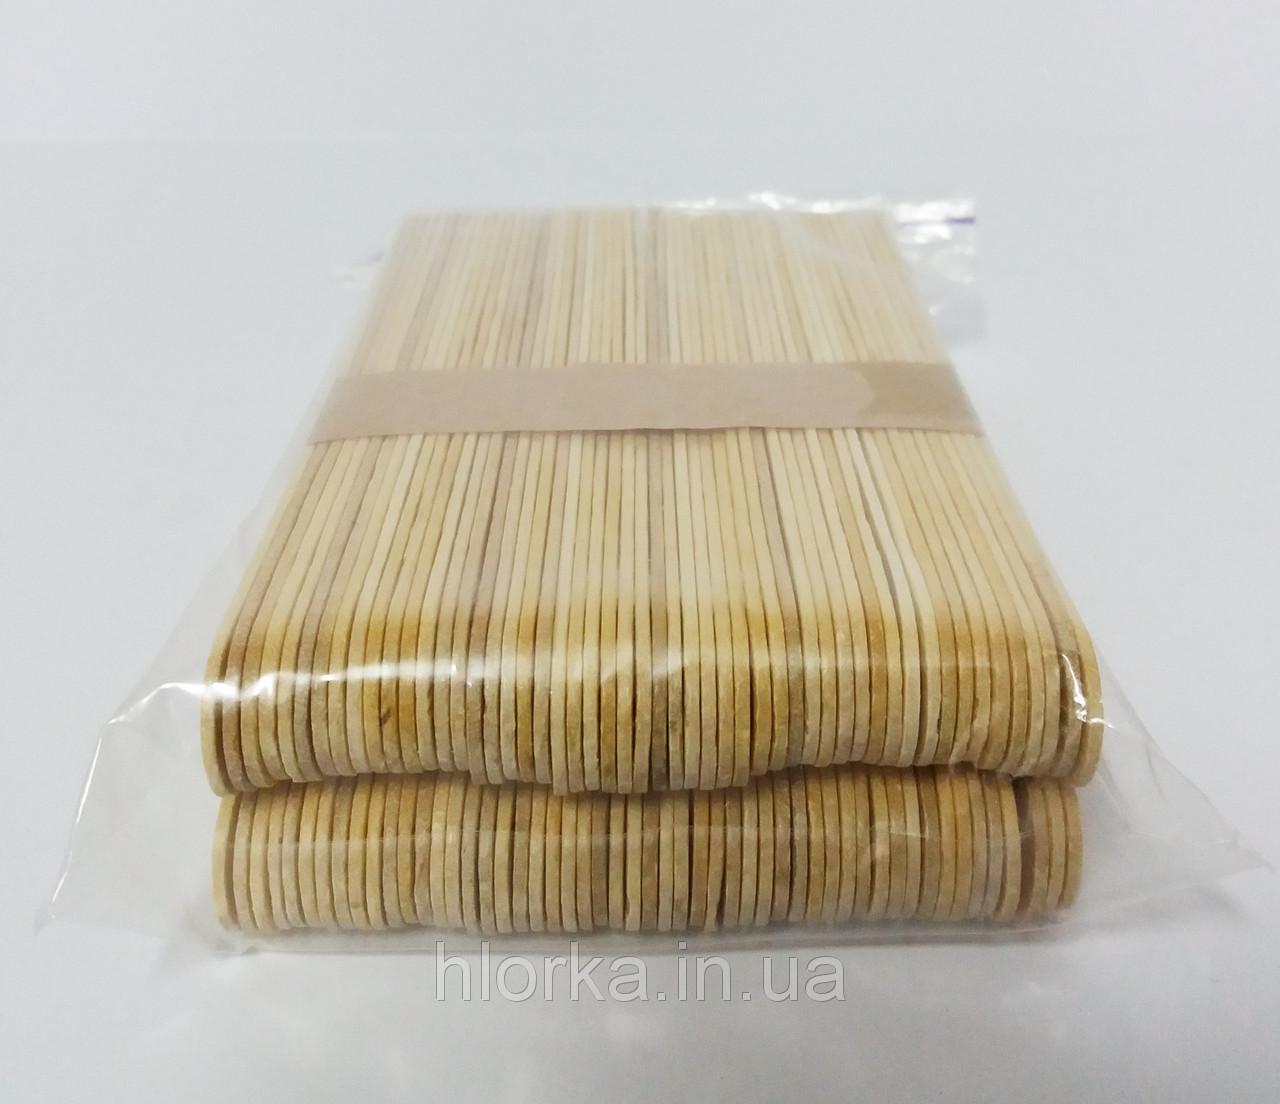 Шпатели деревянные В КОРОБКЕ WA DOLL 150мм*15мм (100 шт./уп.)